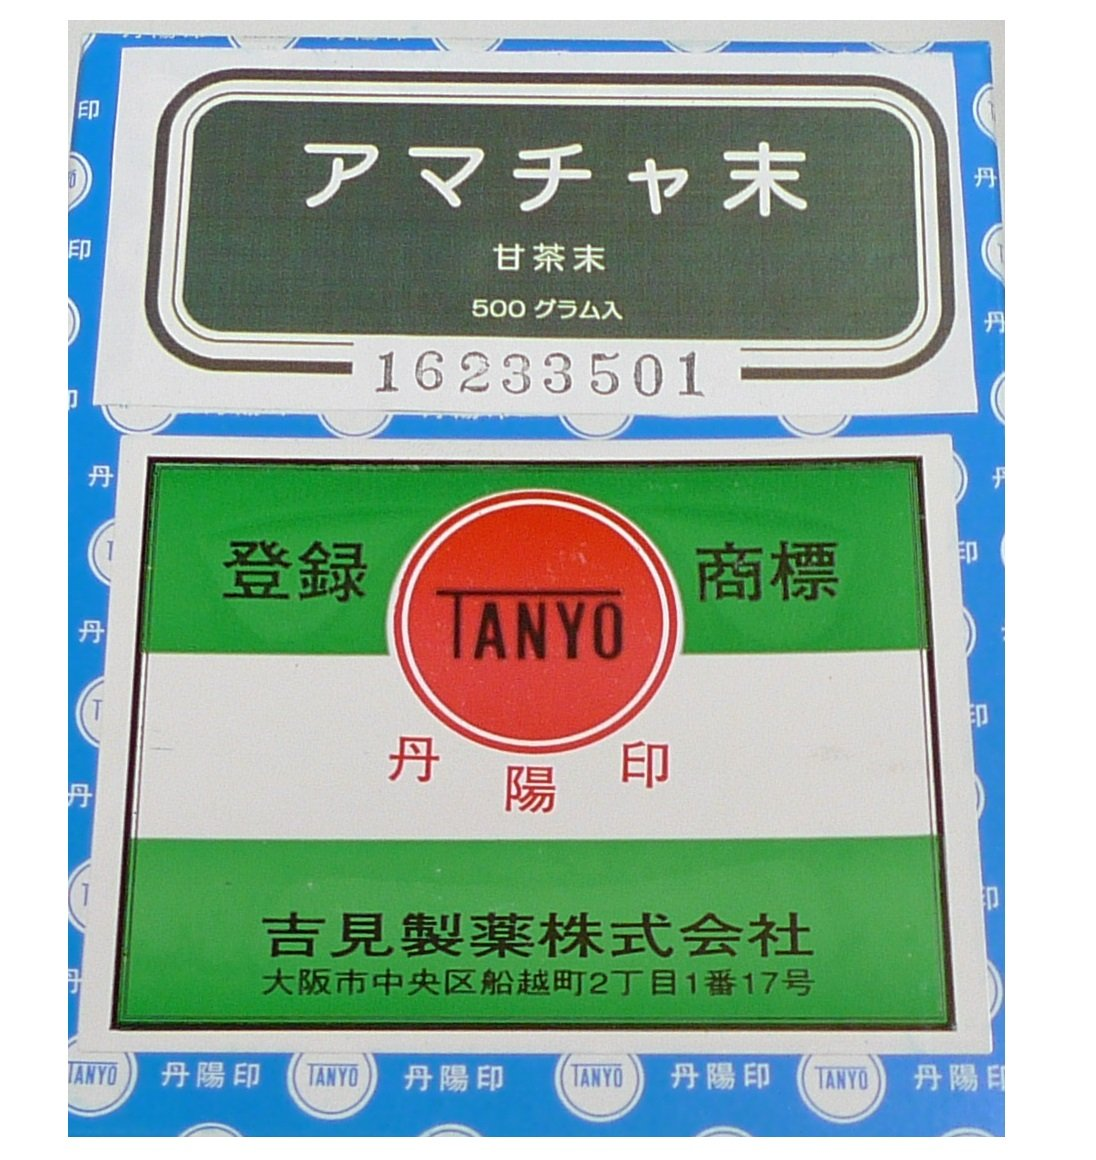 吉見製薬 吉見製薬 甘茶末 500g 500g 甘茶末 B016162KTA, 紡tumugu:c8a28fc4 --- ijpba.info